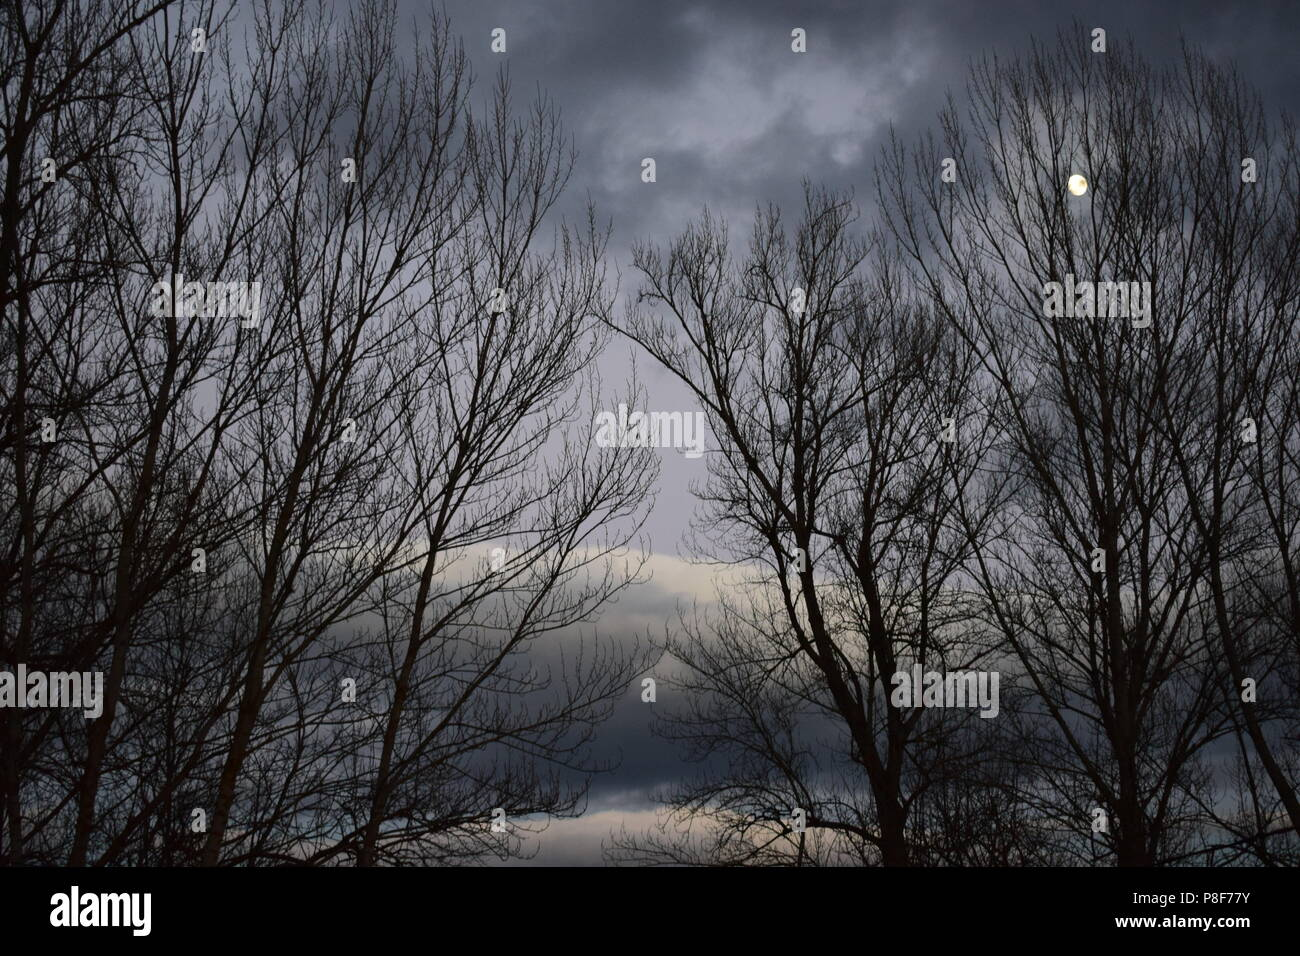 Bosque en invierno, al anochecer antes de la tormenta en Forcadas, pequeña aldea situada en el Bierzo, provincia de León. Immagini Stock